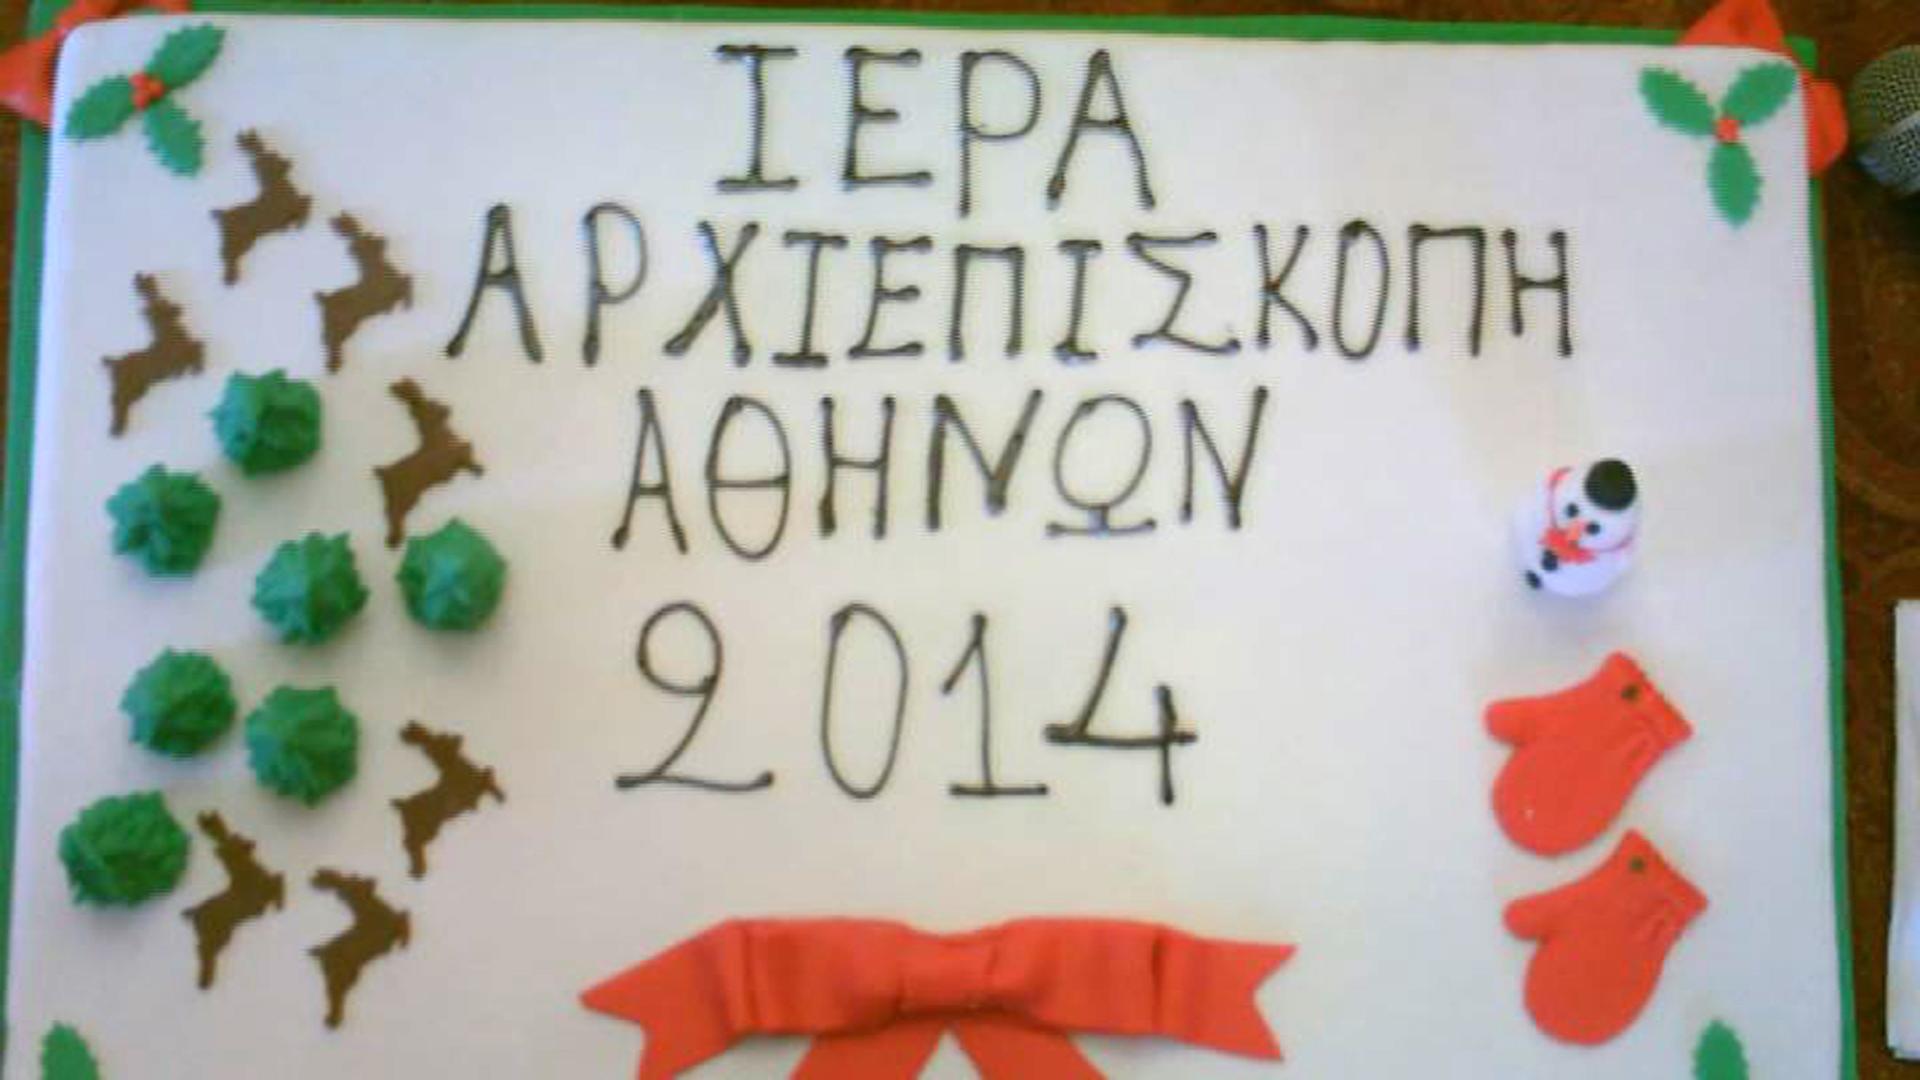 Ιερά Αρχιεπισκοπή Αθηνών - Κοπή πρωτοχρονιάτικης πίτας